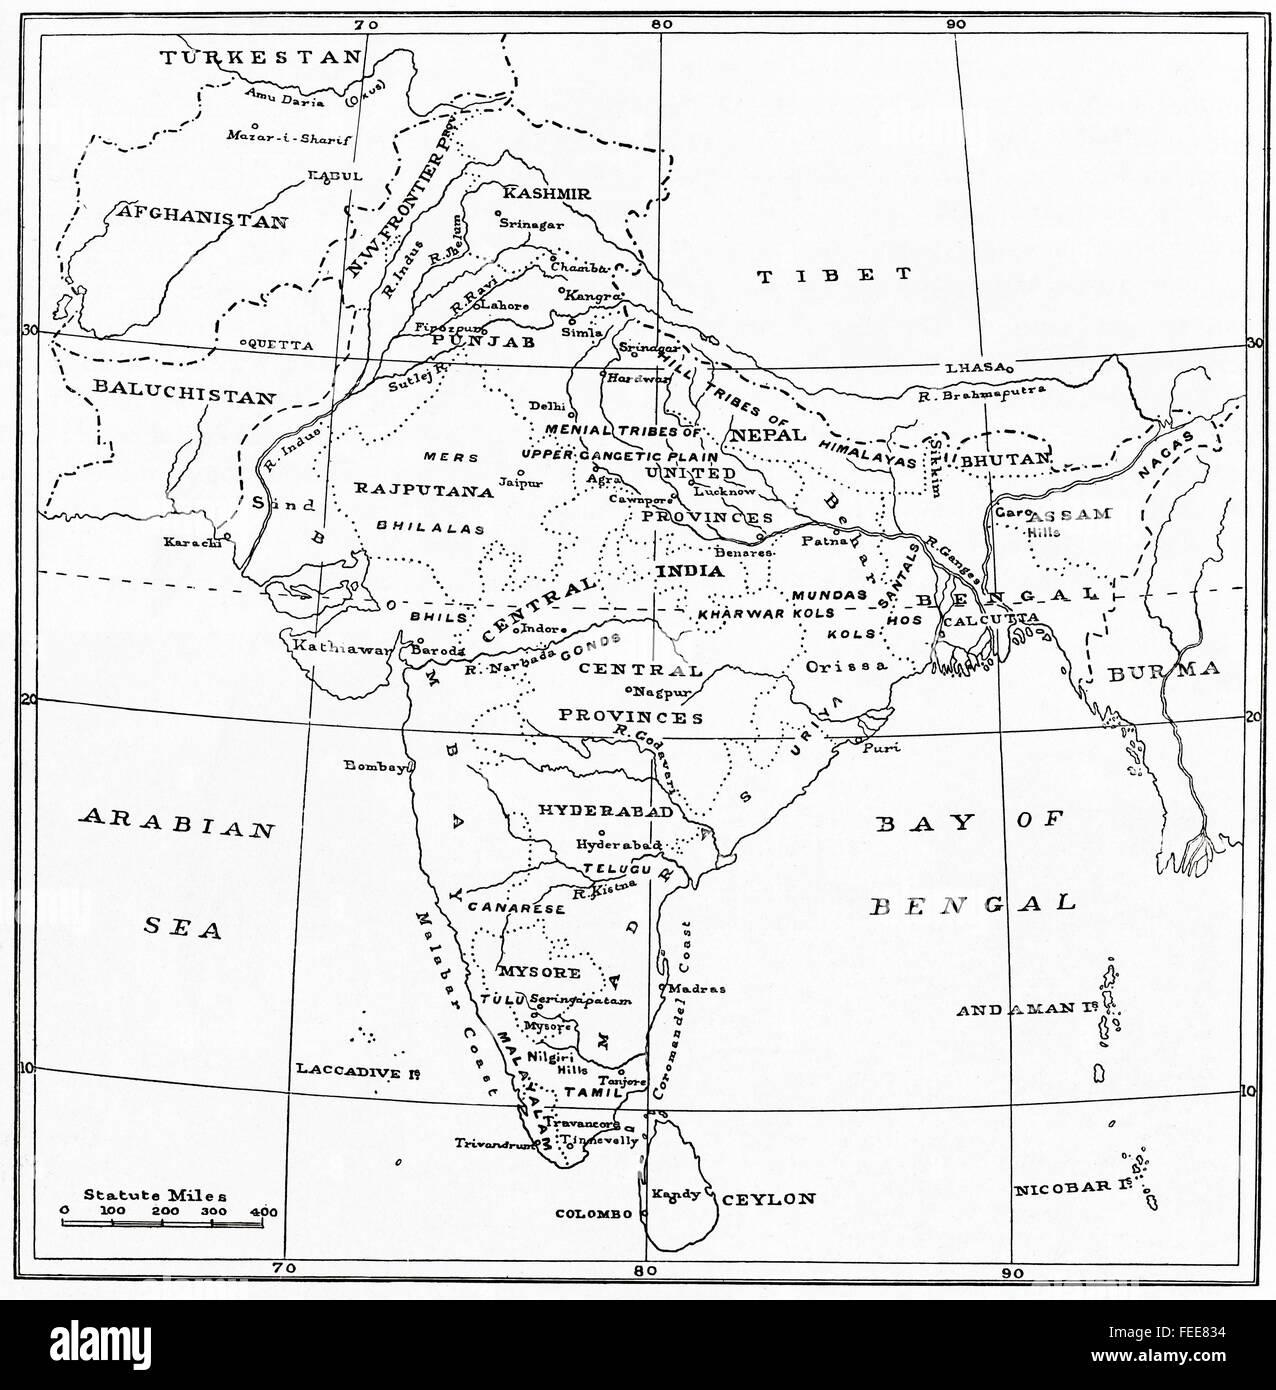 Une carte de l'Inde au début du 20ème siècle. Photo Stock